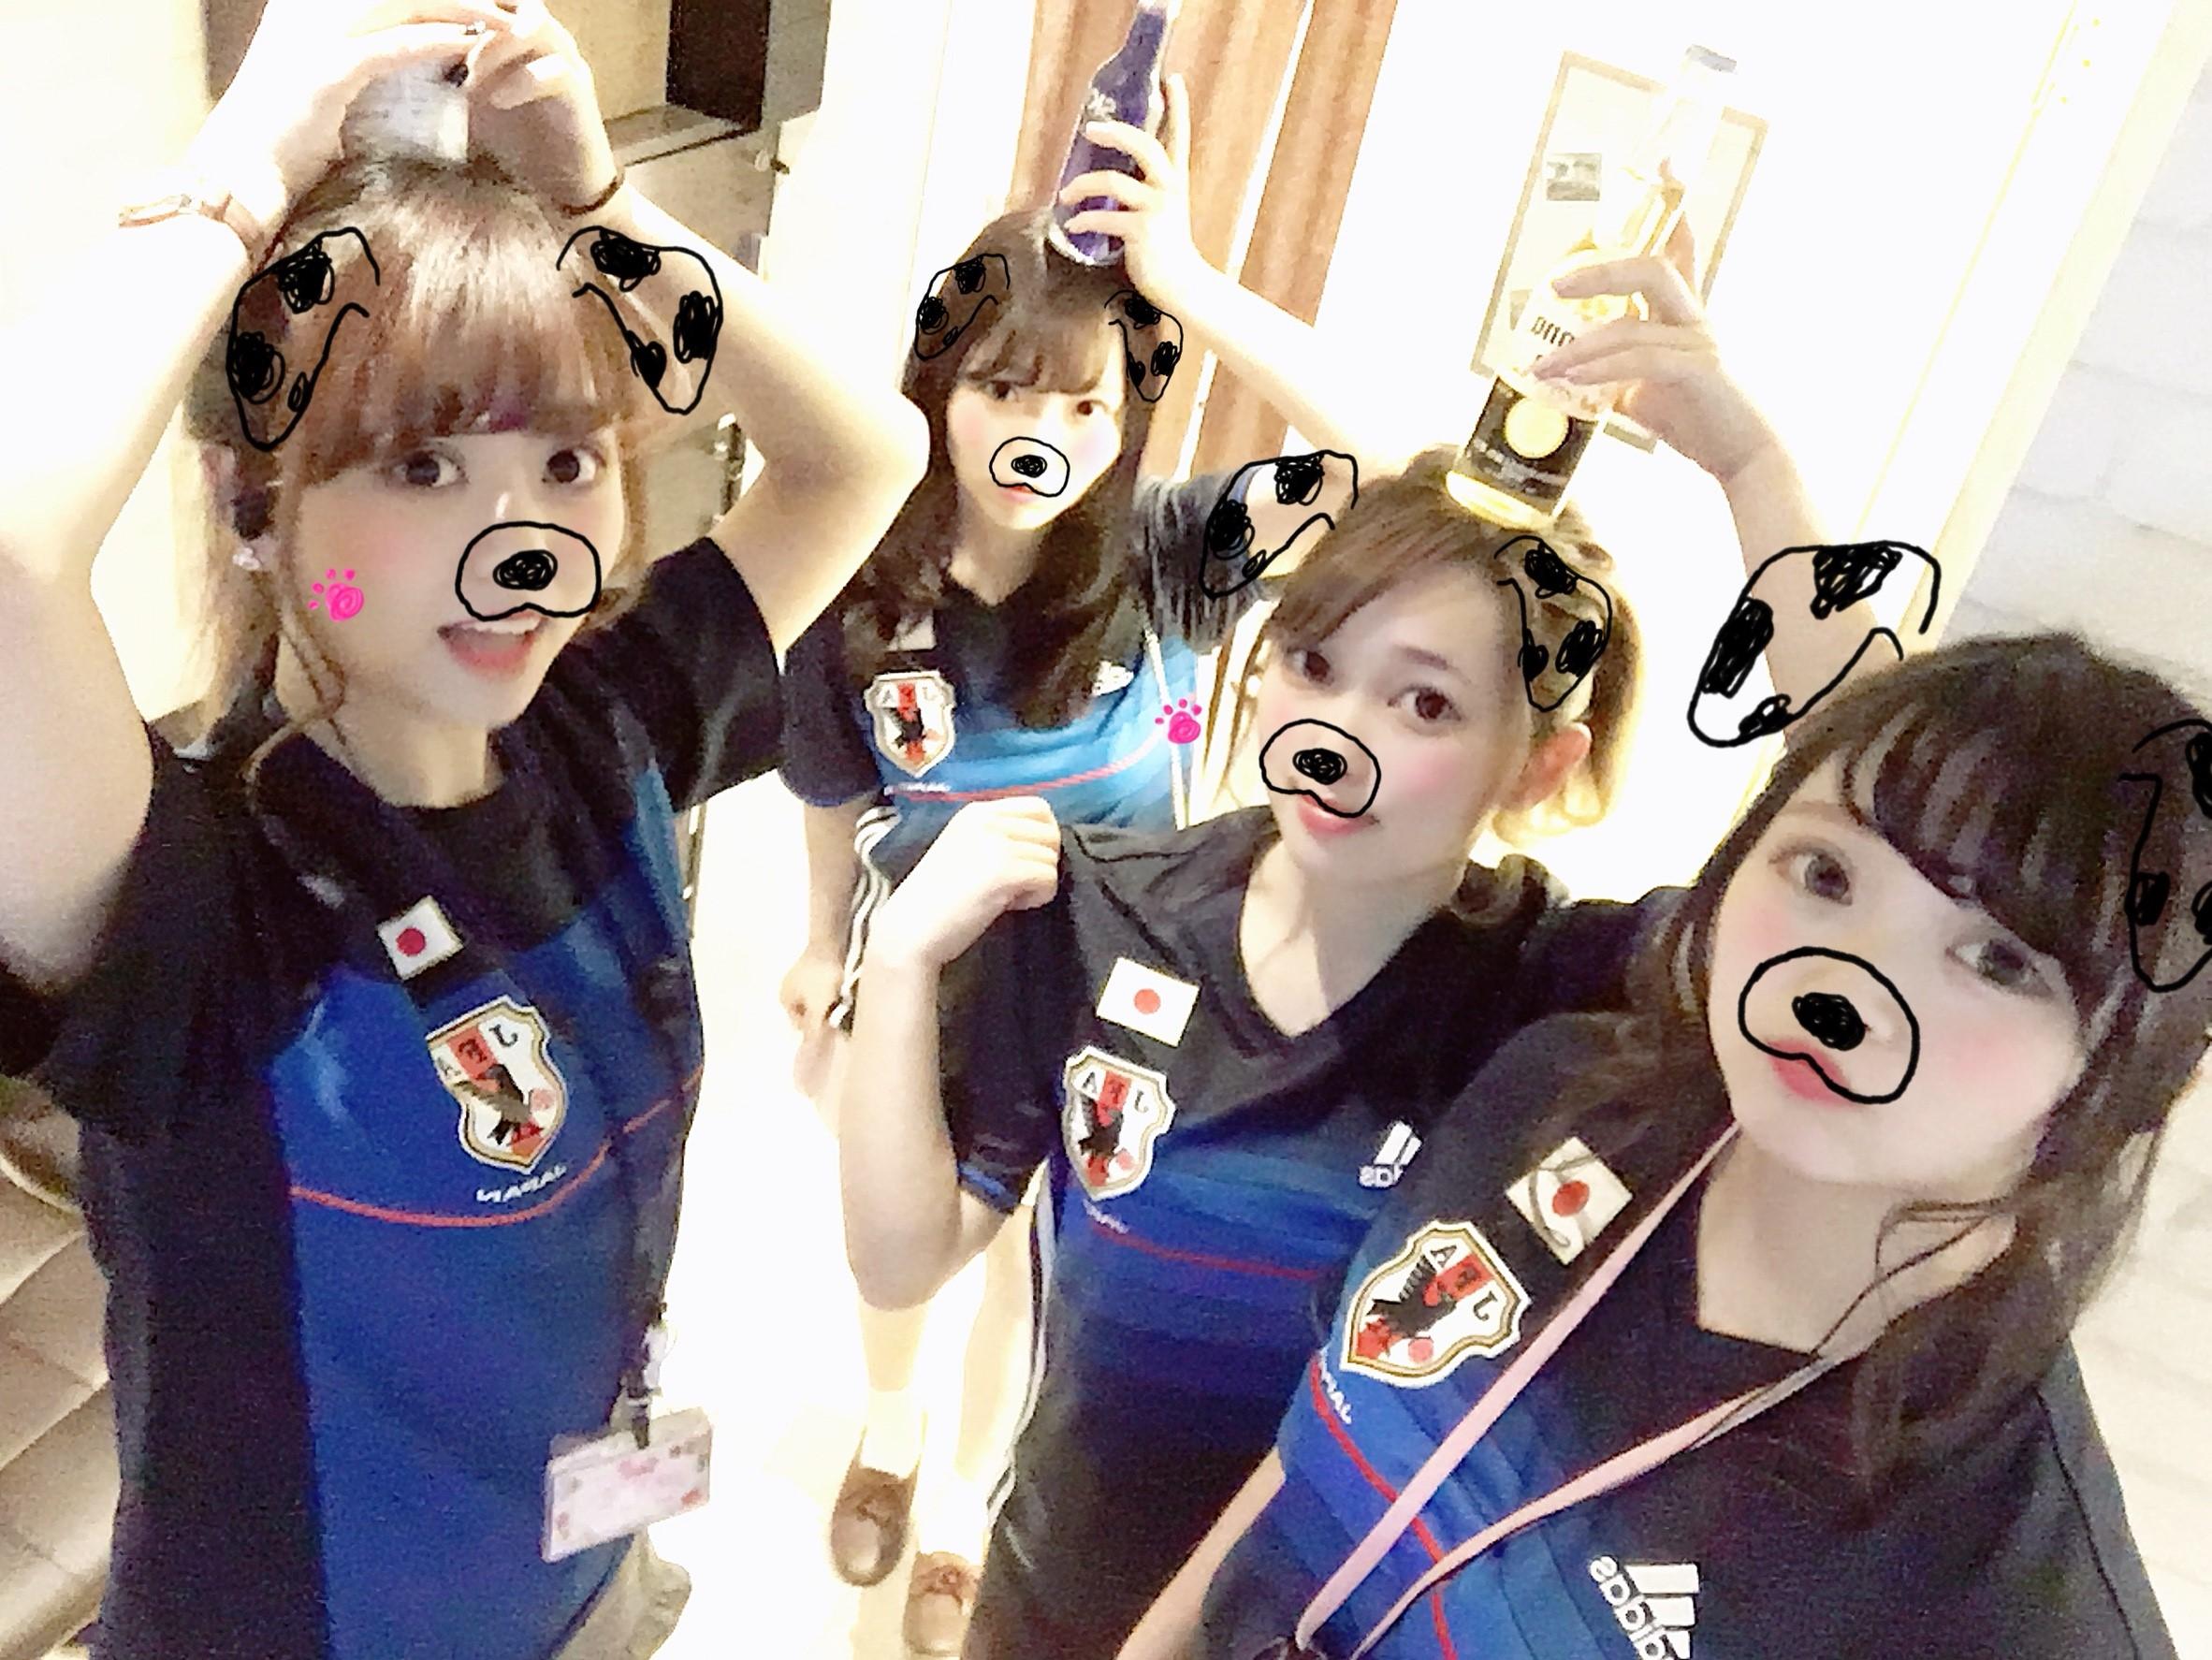 ■2018/05/30 本日の出勤情報 池袋ガールズバーリゾート